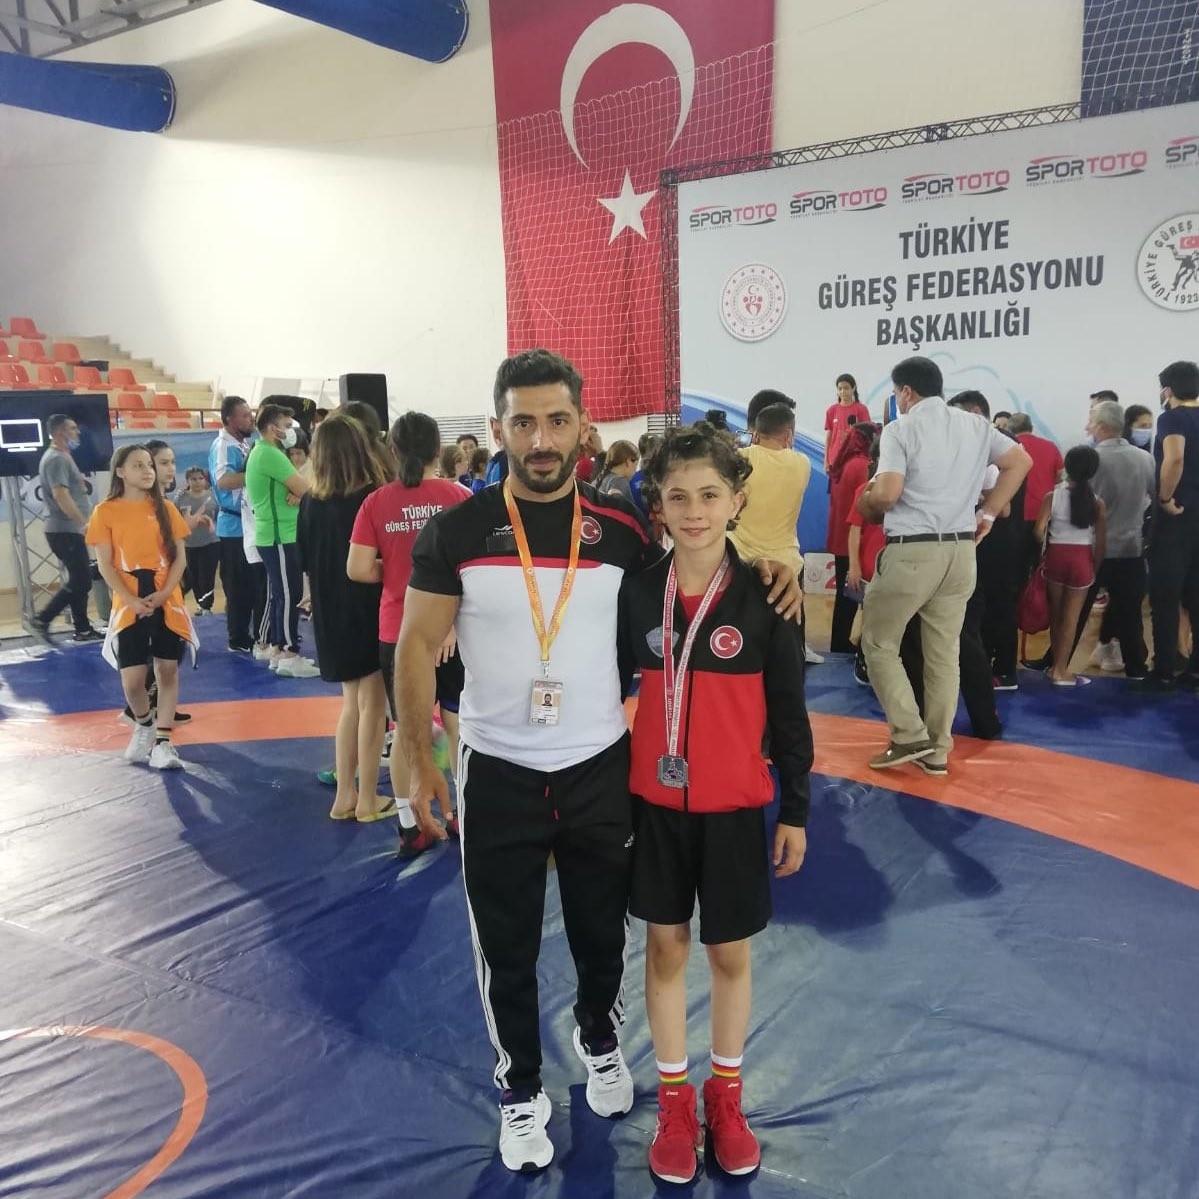 Ağrılı bayan güreşçi Türkiye şampiyonu oldu